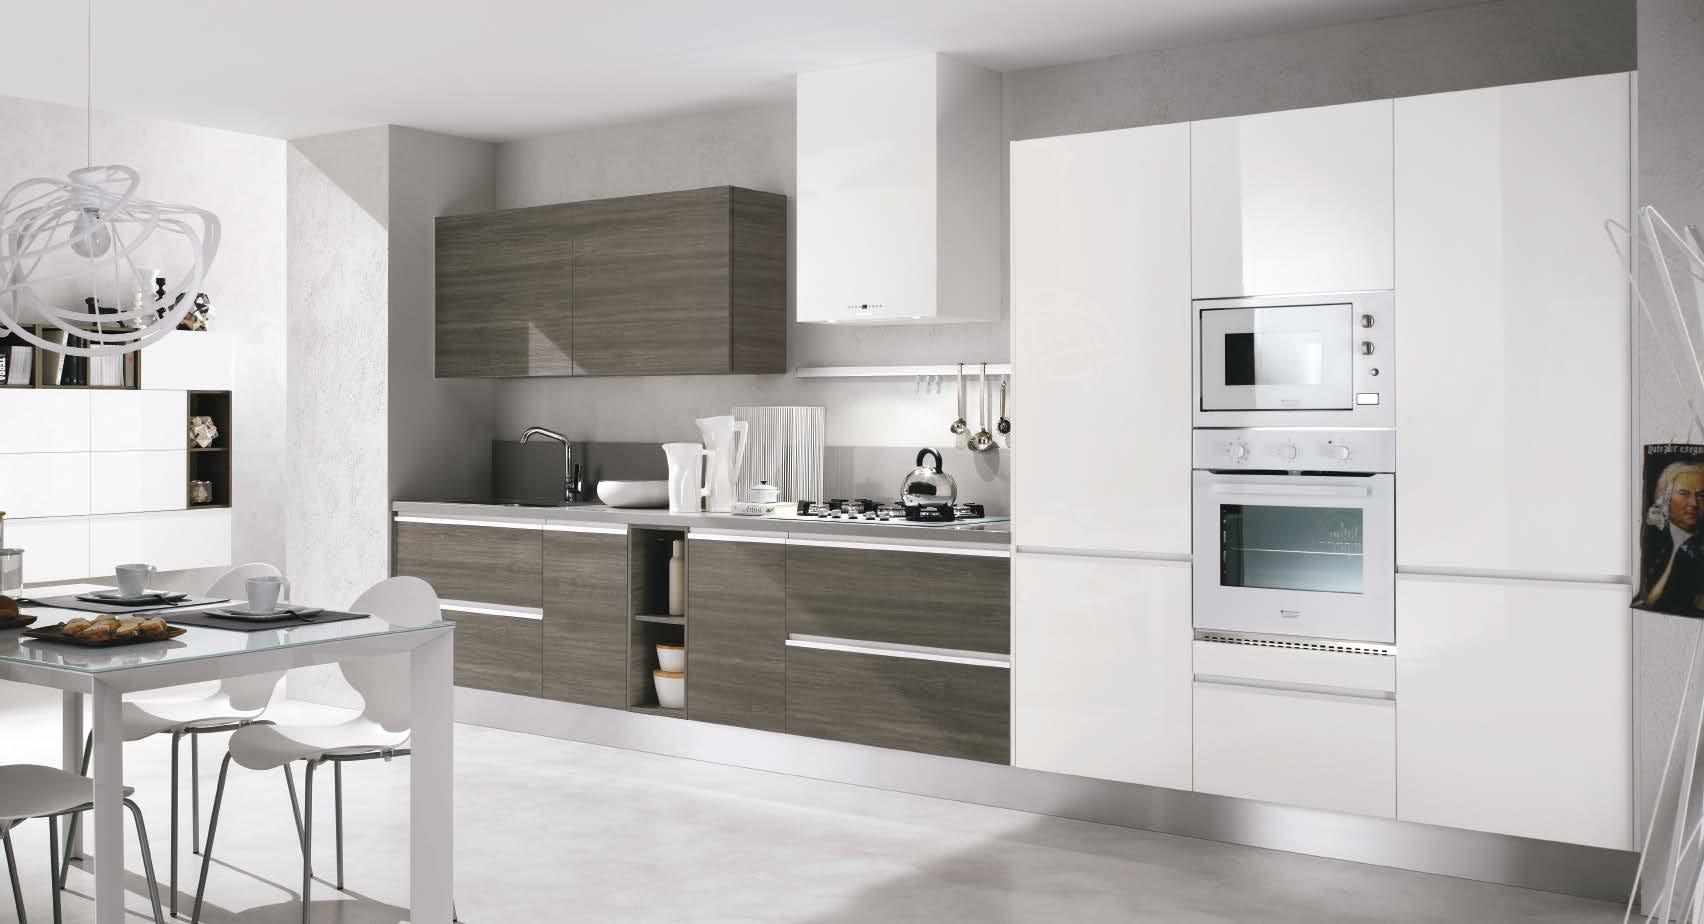 Linea κουζινα με ενσωματωμενη μεταλική λαβή σε λευκη γυαλιστερη λάκα και μελαμινη σε υφη ξυλου